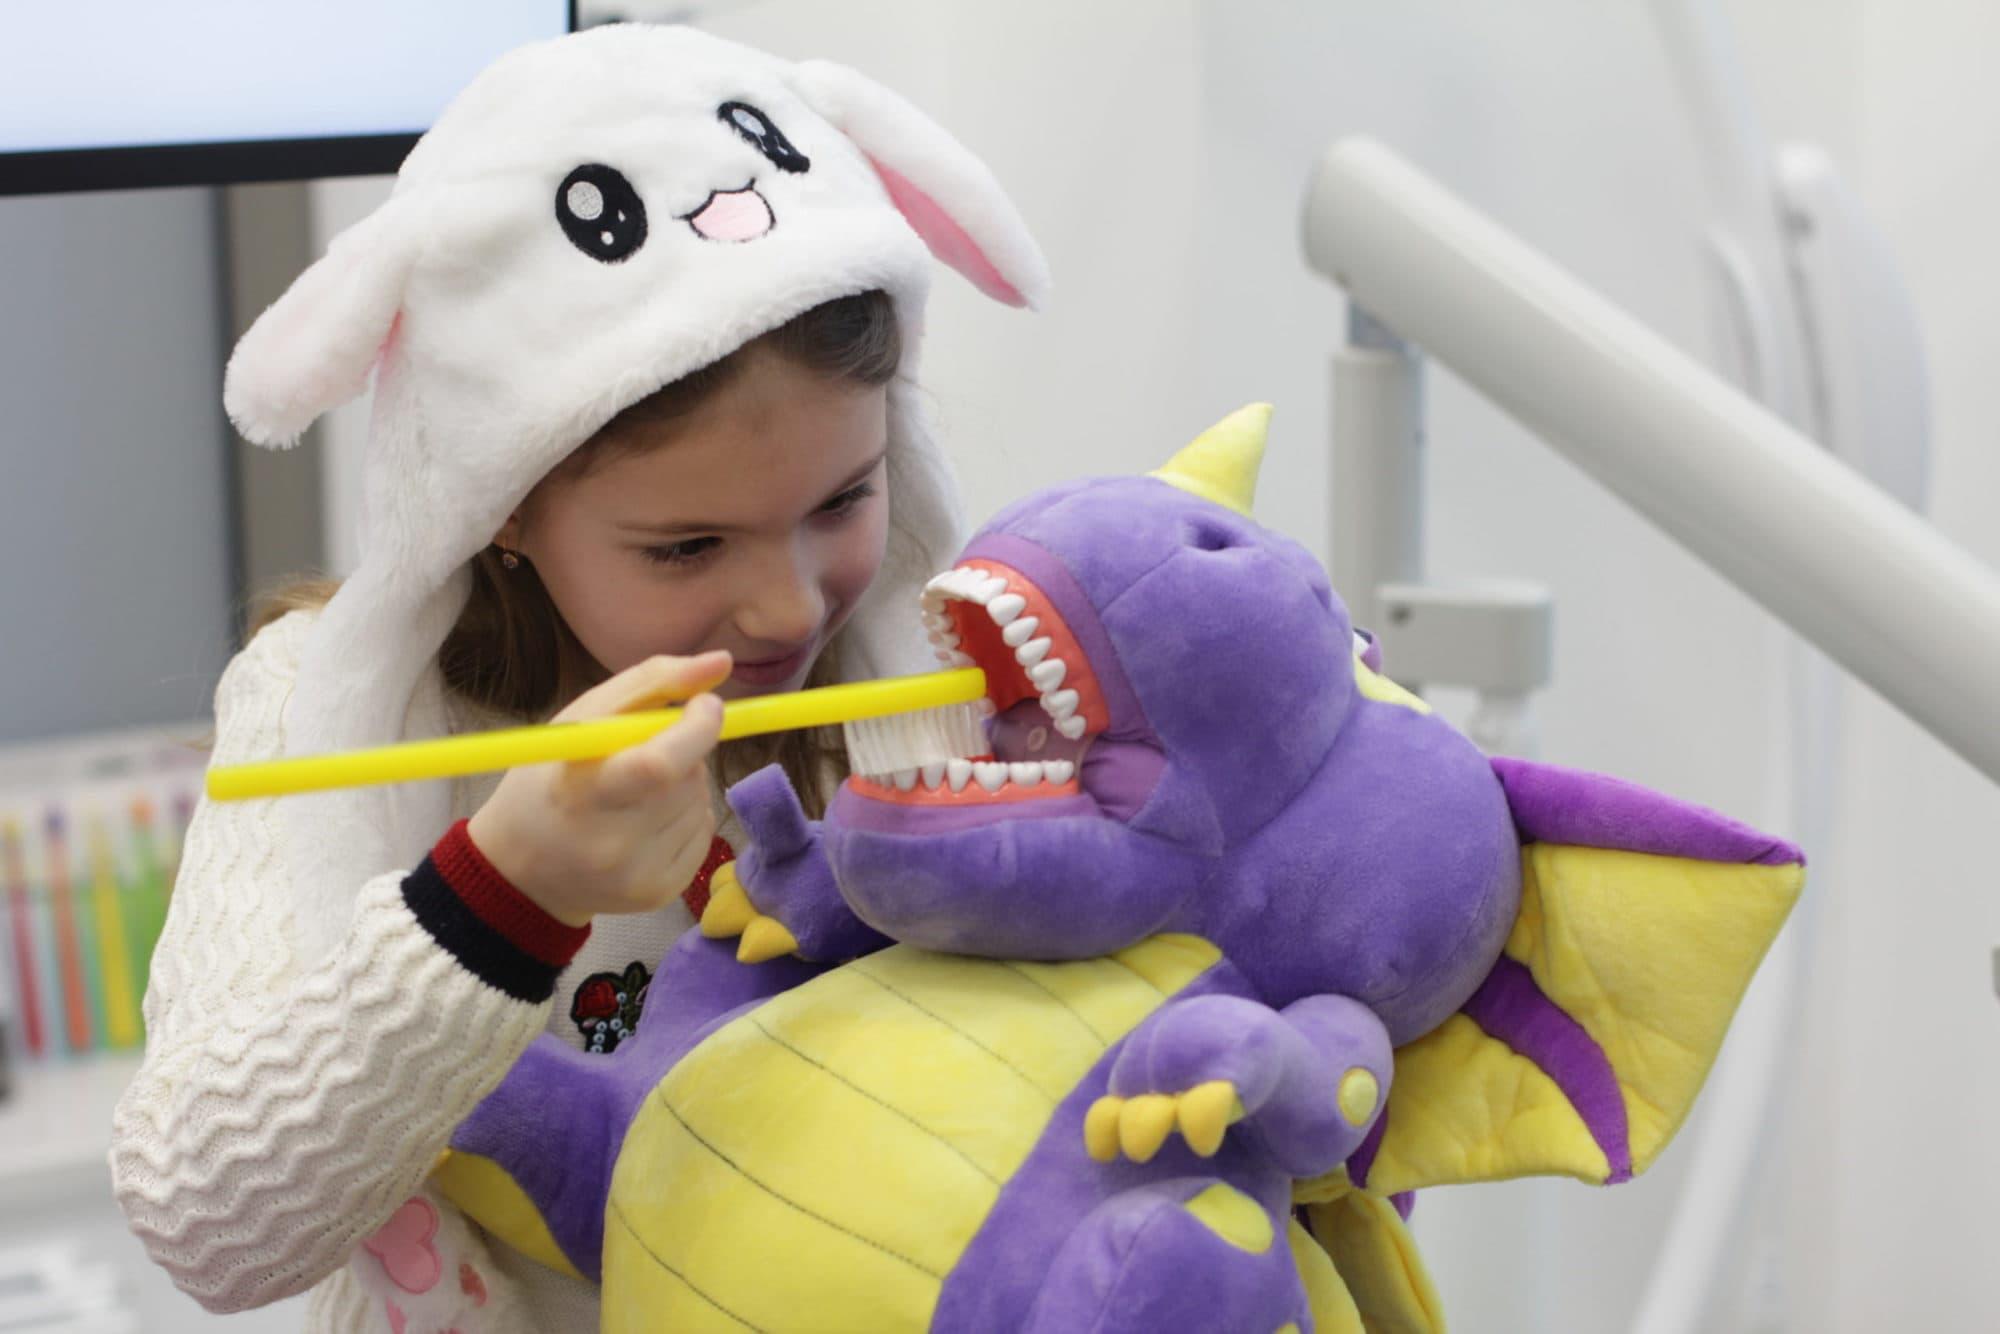 Лечение кариеса без истерик. Как подготовить ребенка к посещению стоматолога? Лайфхаки и советы.